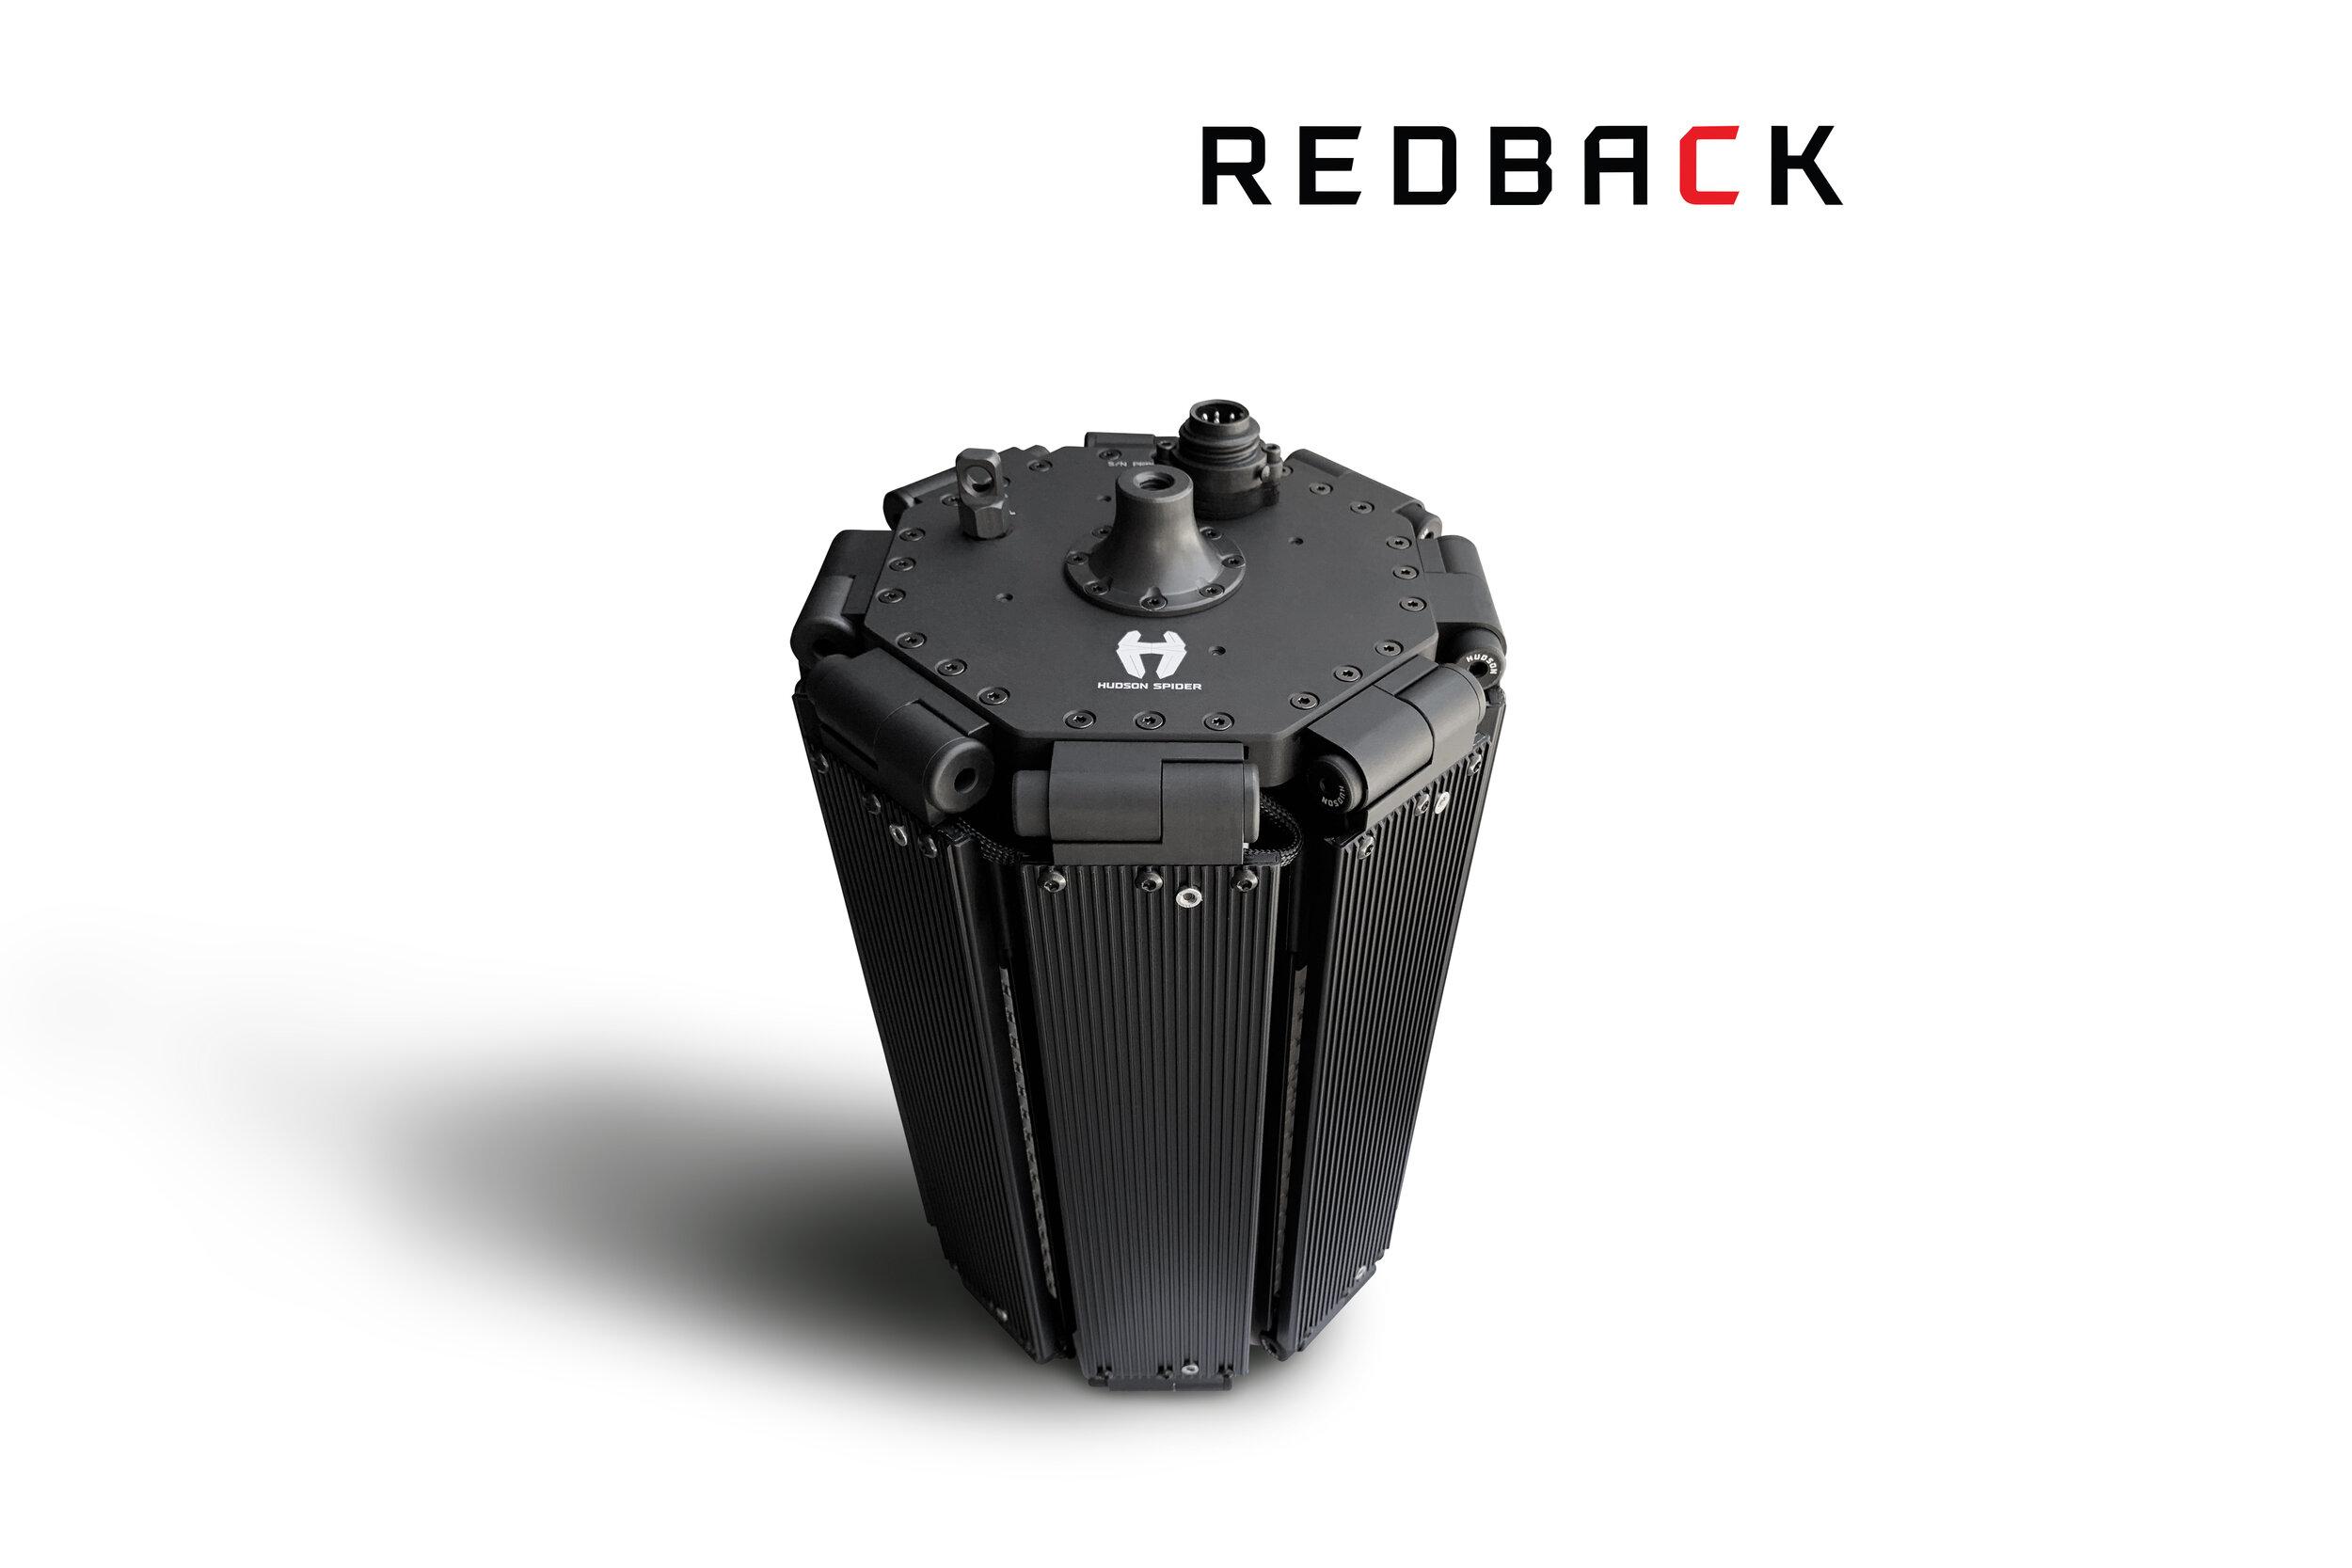 redback closed 2.jpg